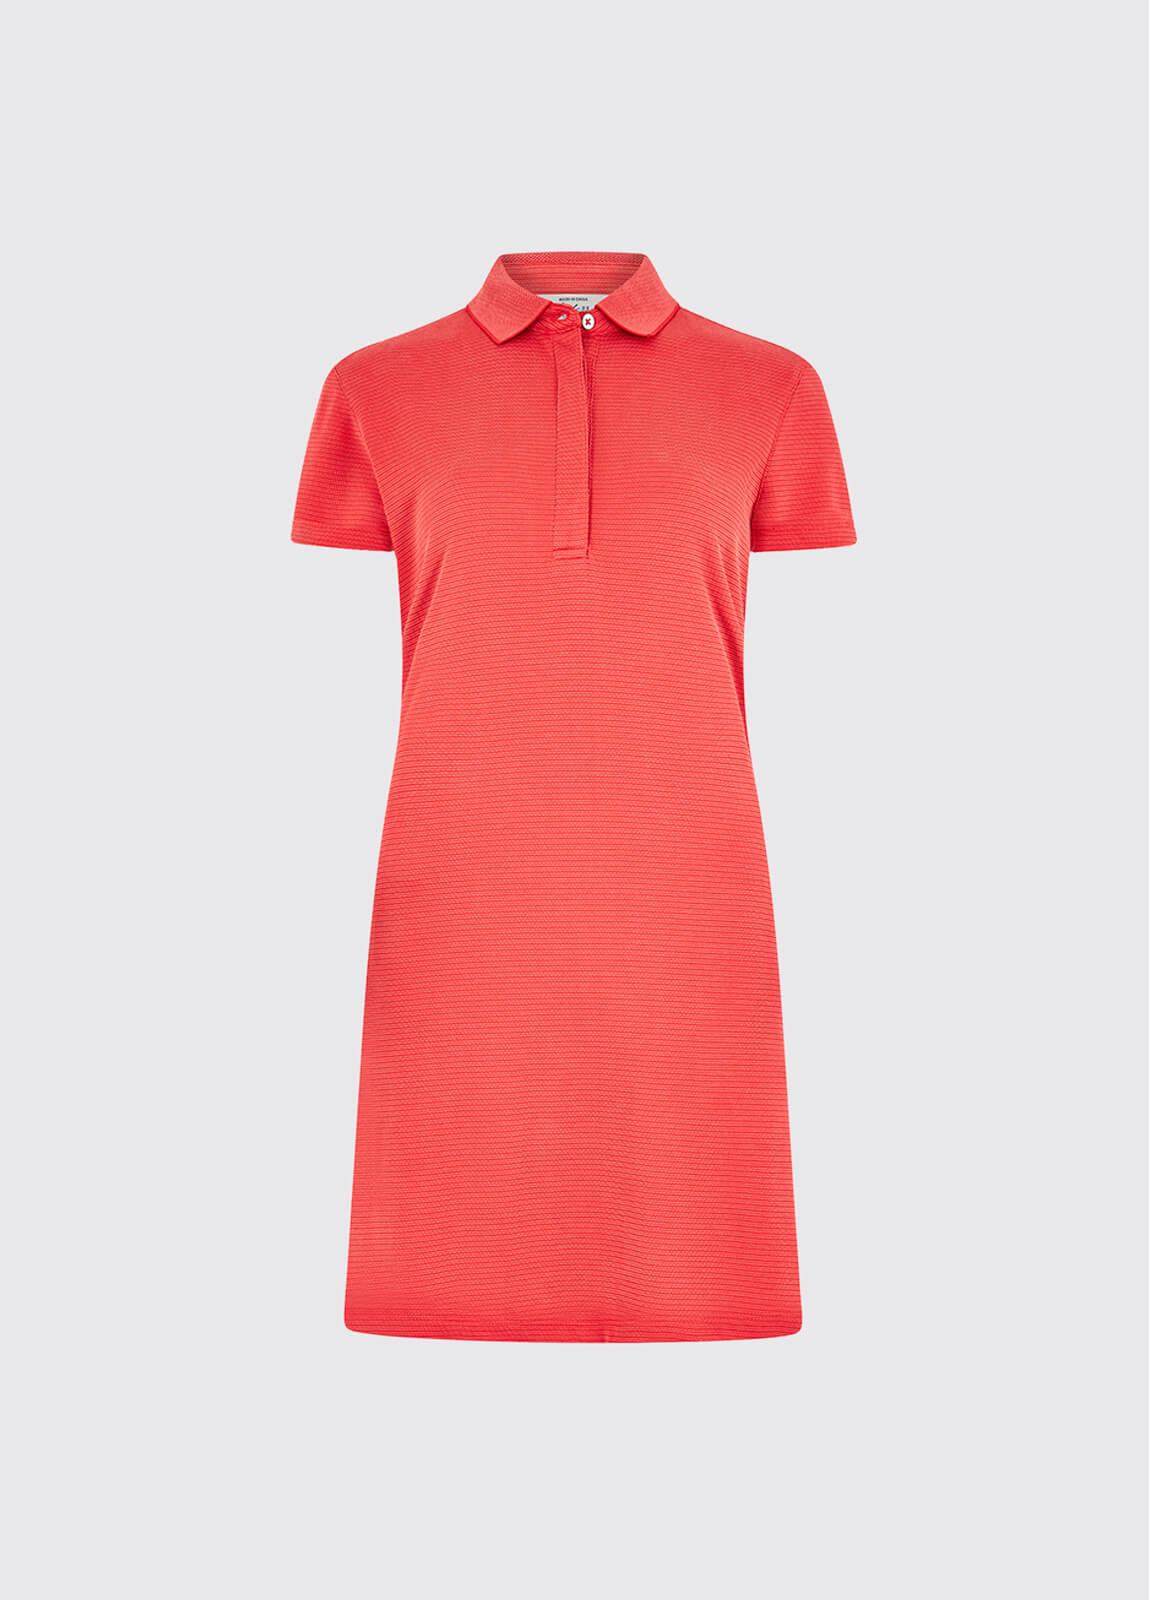 Ardee Dress - Poppy